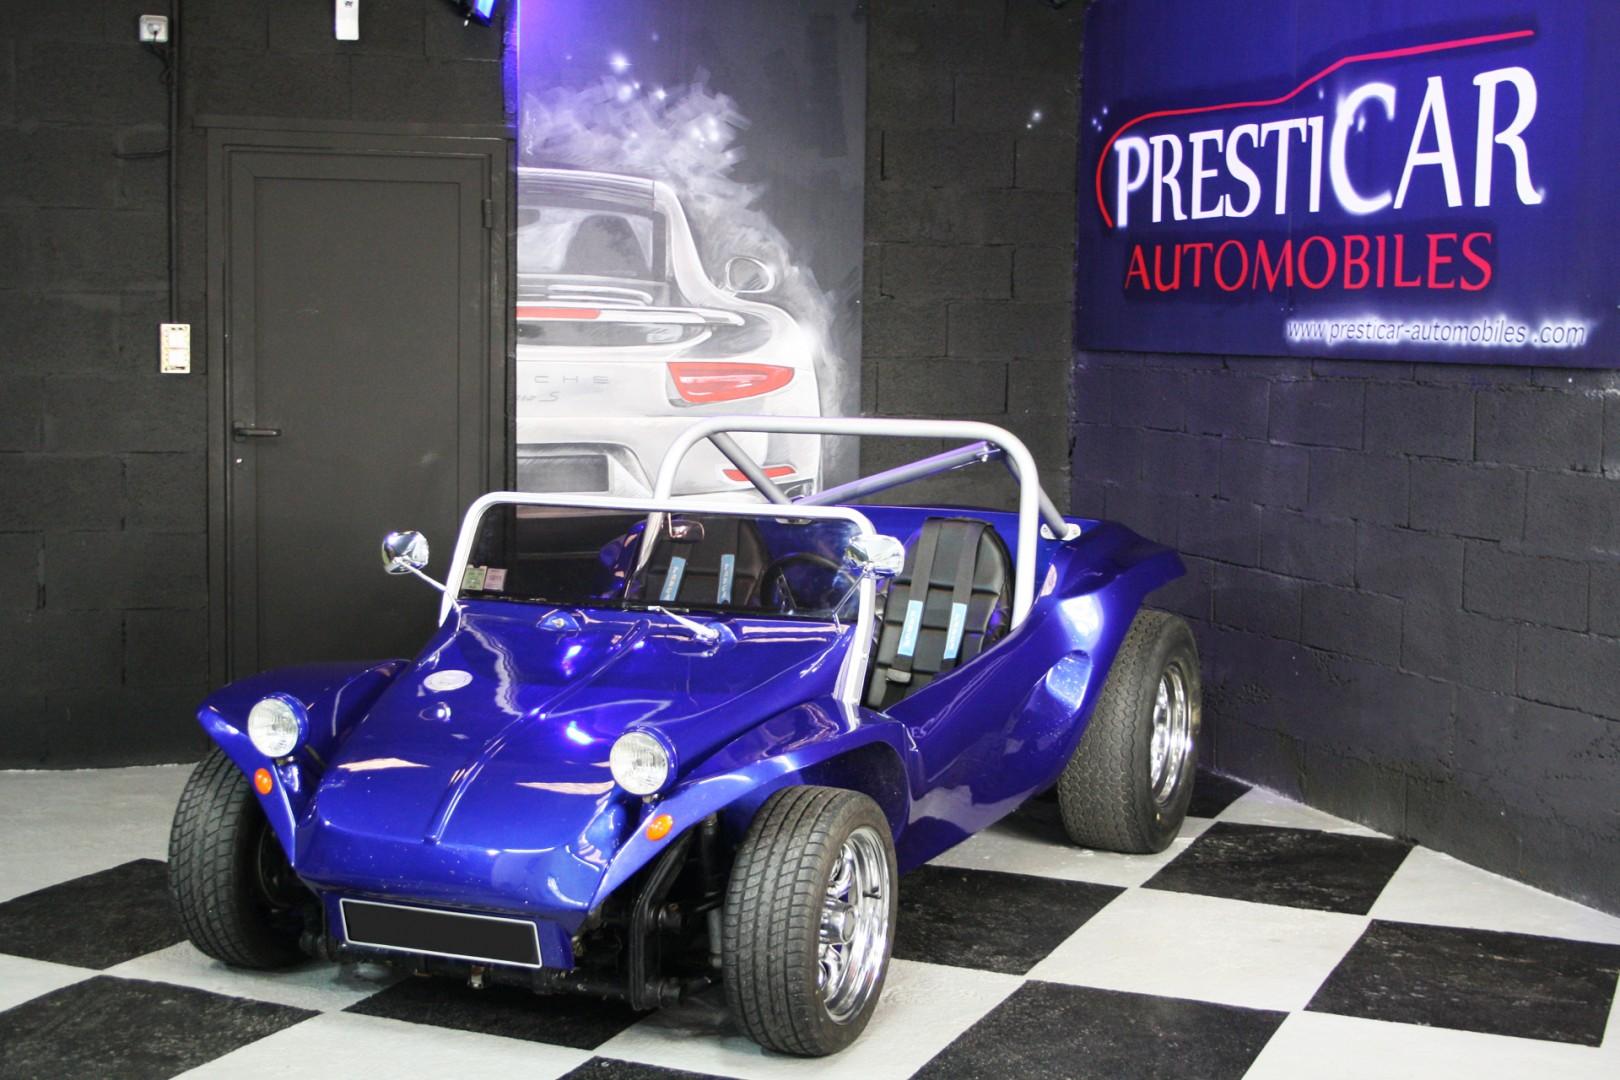 VOLKSWAGEN Buggy LM1 1500 - Presticar Automobiles